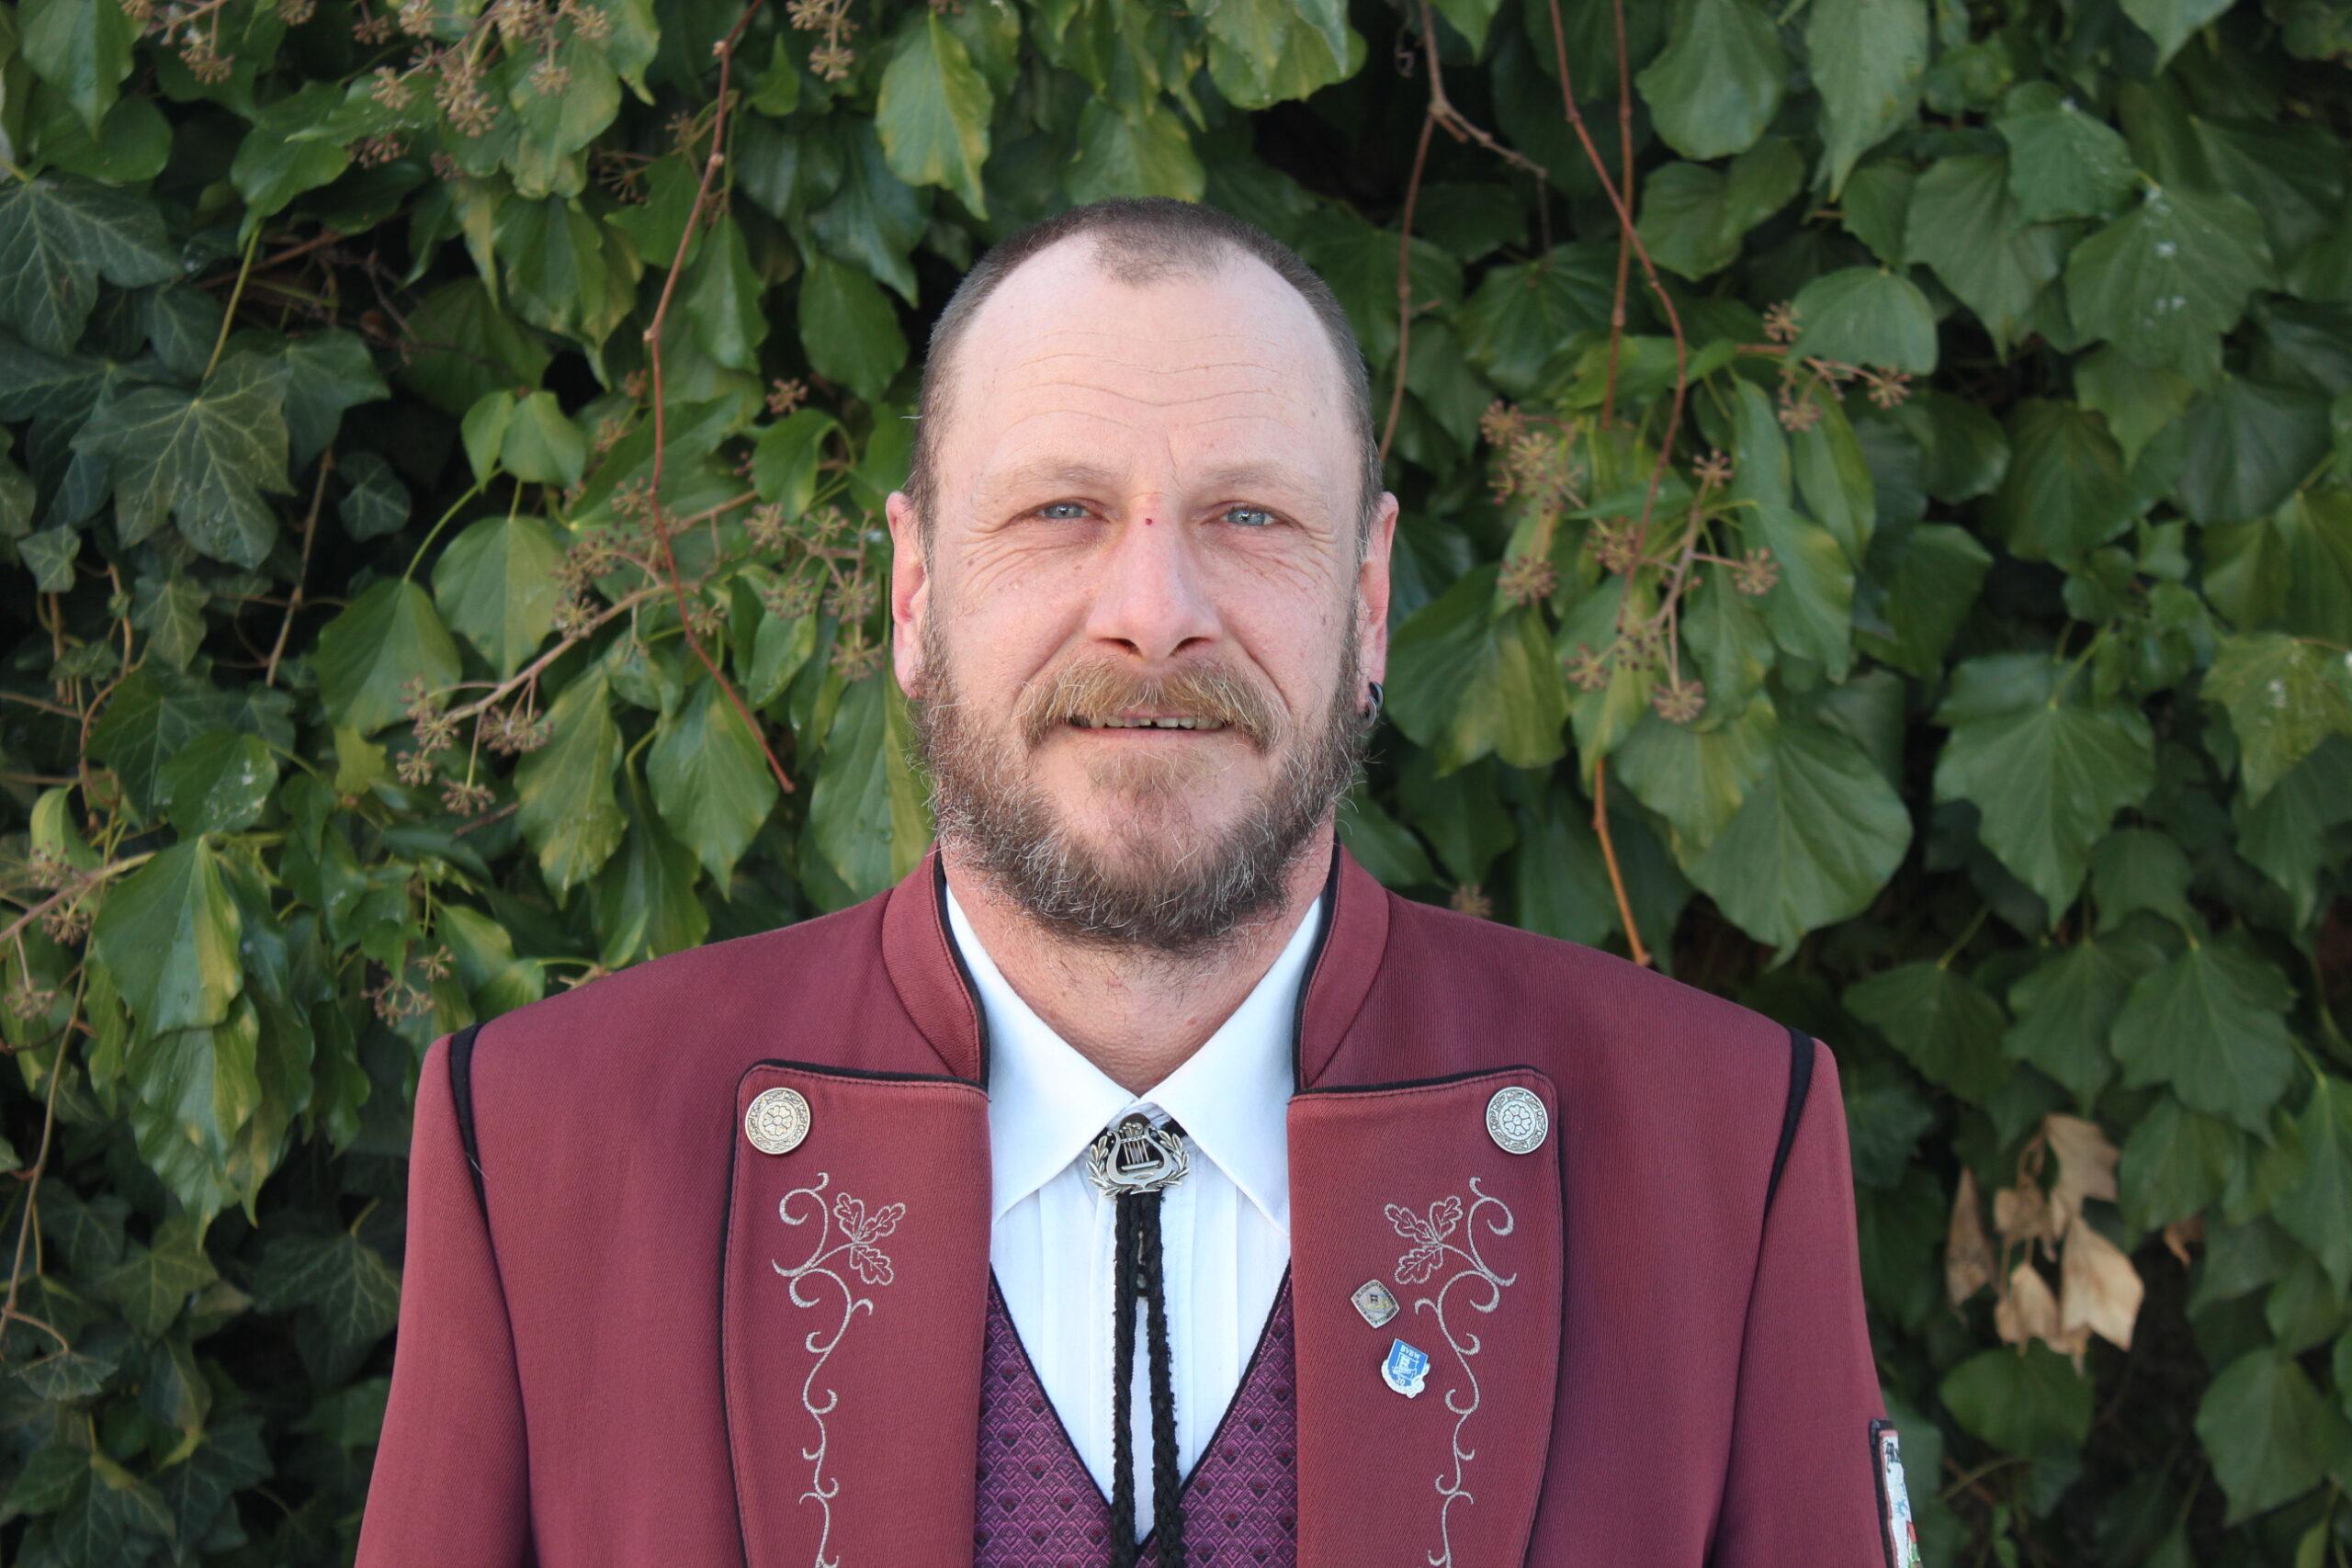 Paul Wiedmann